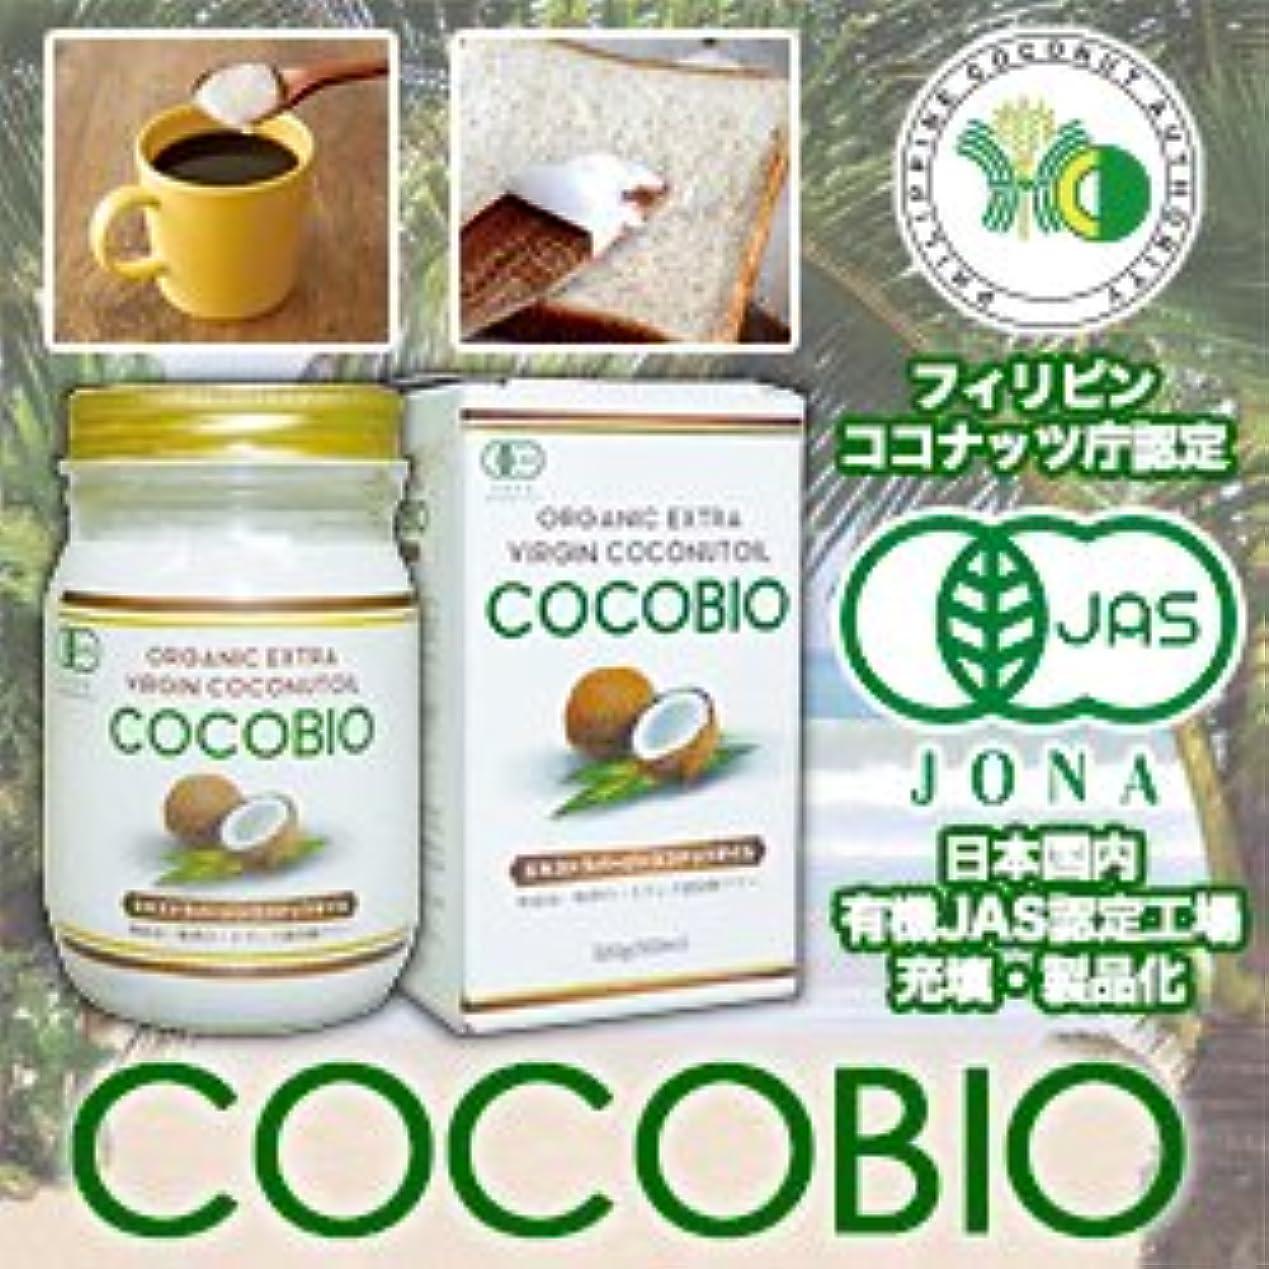 終了する抗生物質適応的【特殊栄養食品研究所】【有機ココナッツオイル】 ココビオ(COCOBIO) 320g [350ml] ×20個セット